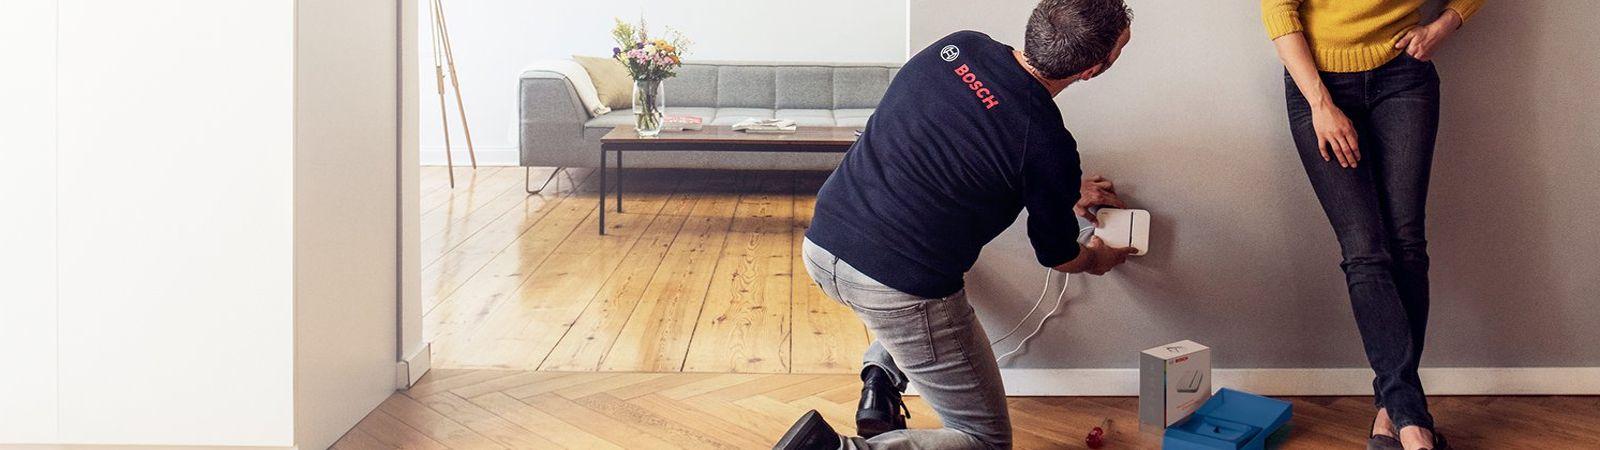 Smart Home nachrüsten: Systeme, Standards und Förderung